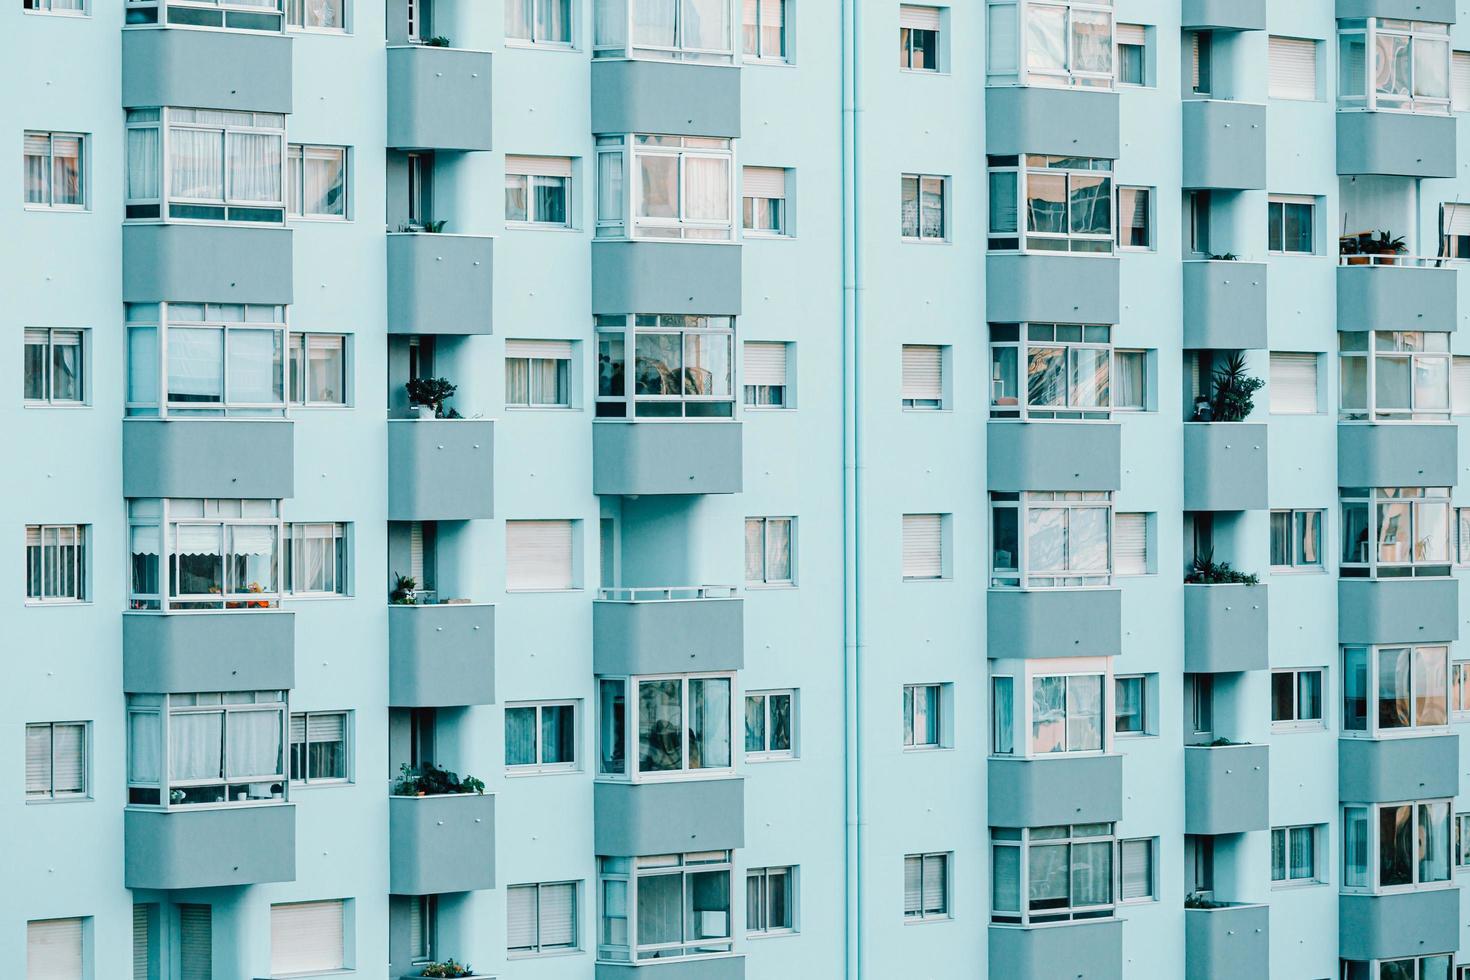 un primer plano de un edificio repetitivo en tonos azules foto